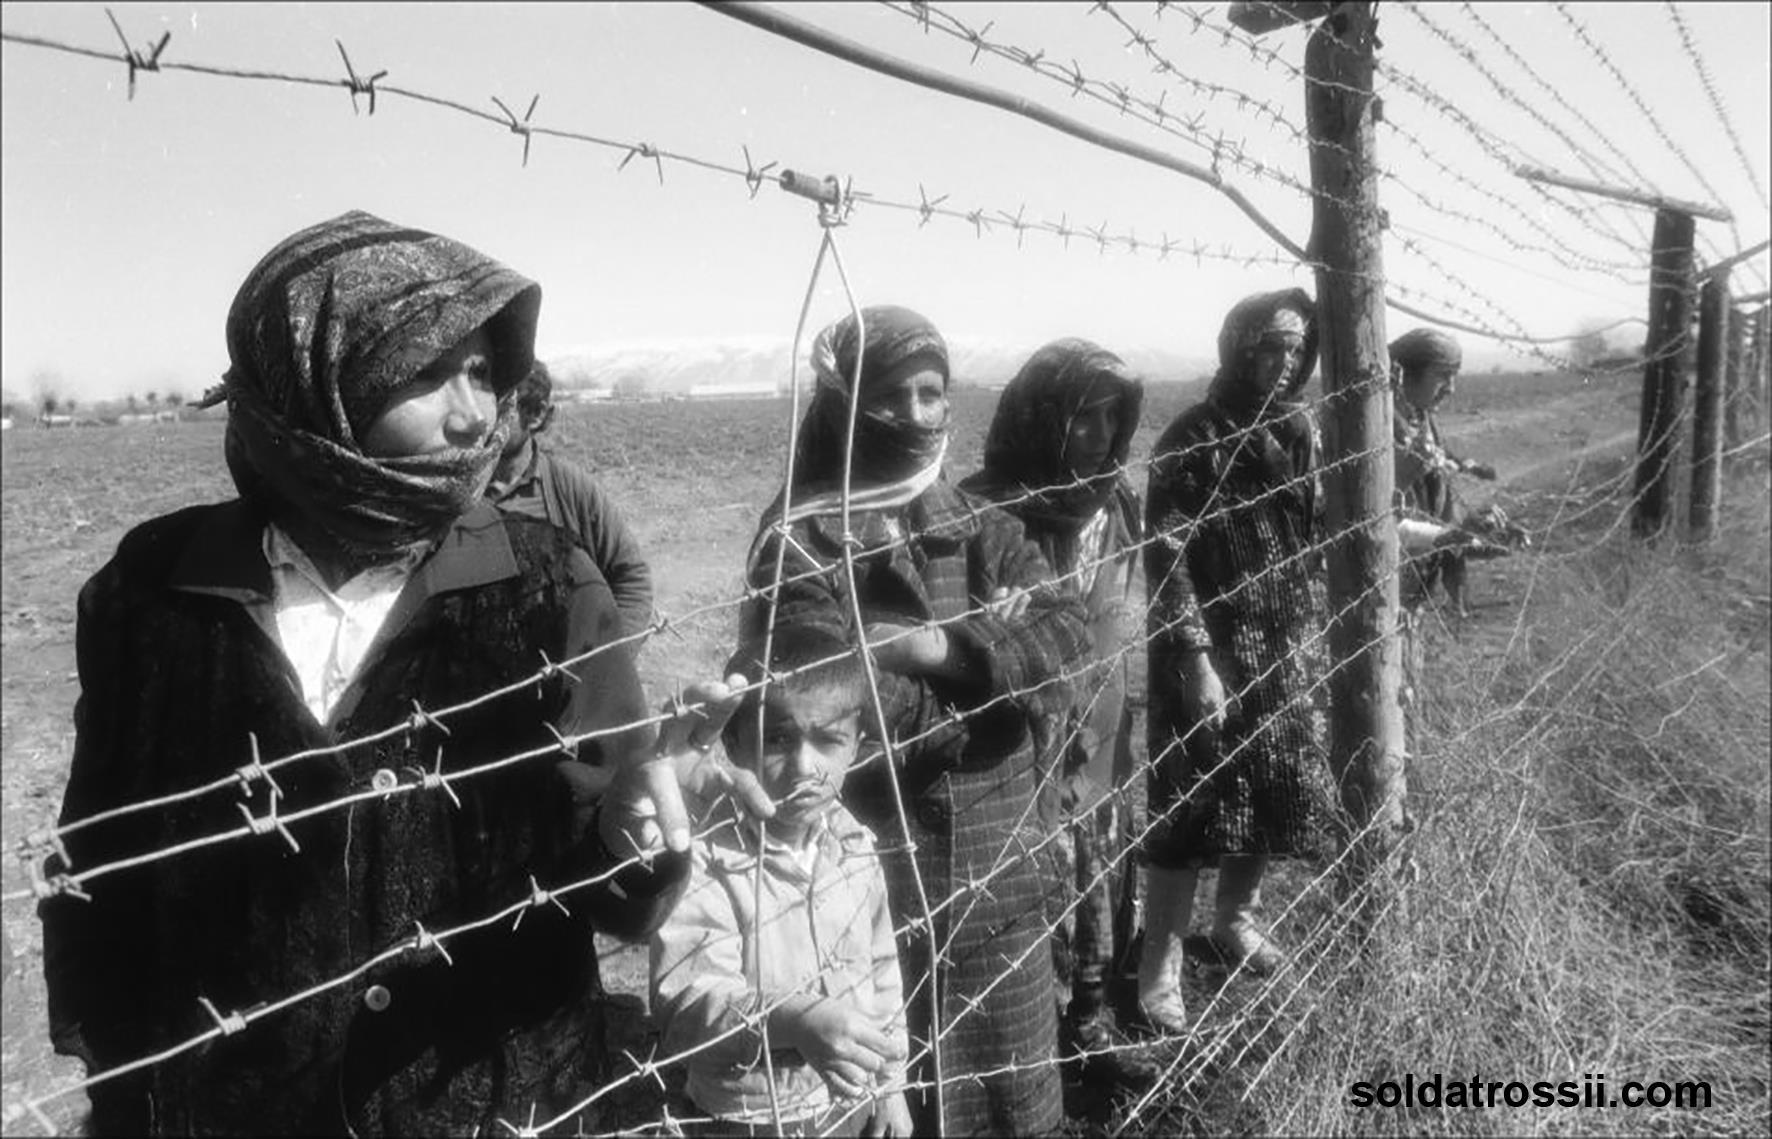 Guerre civile Tadjikistan Réfugiés